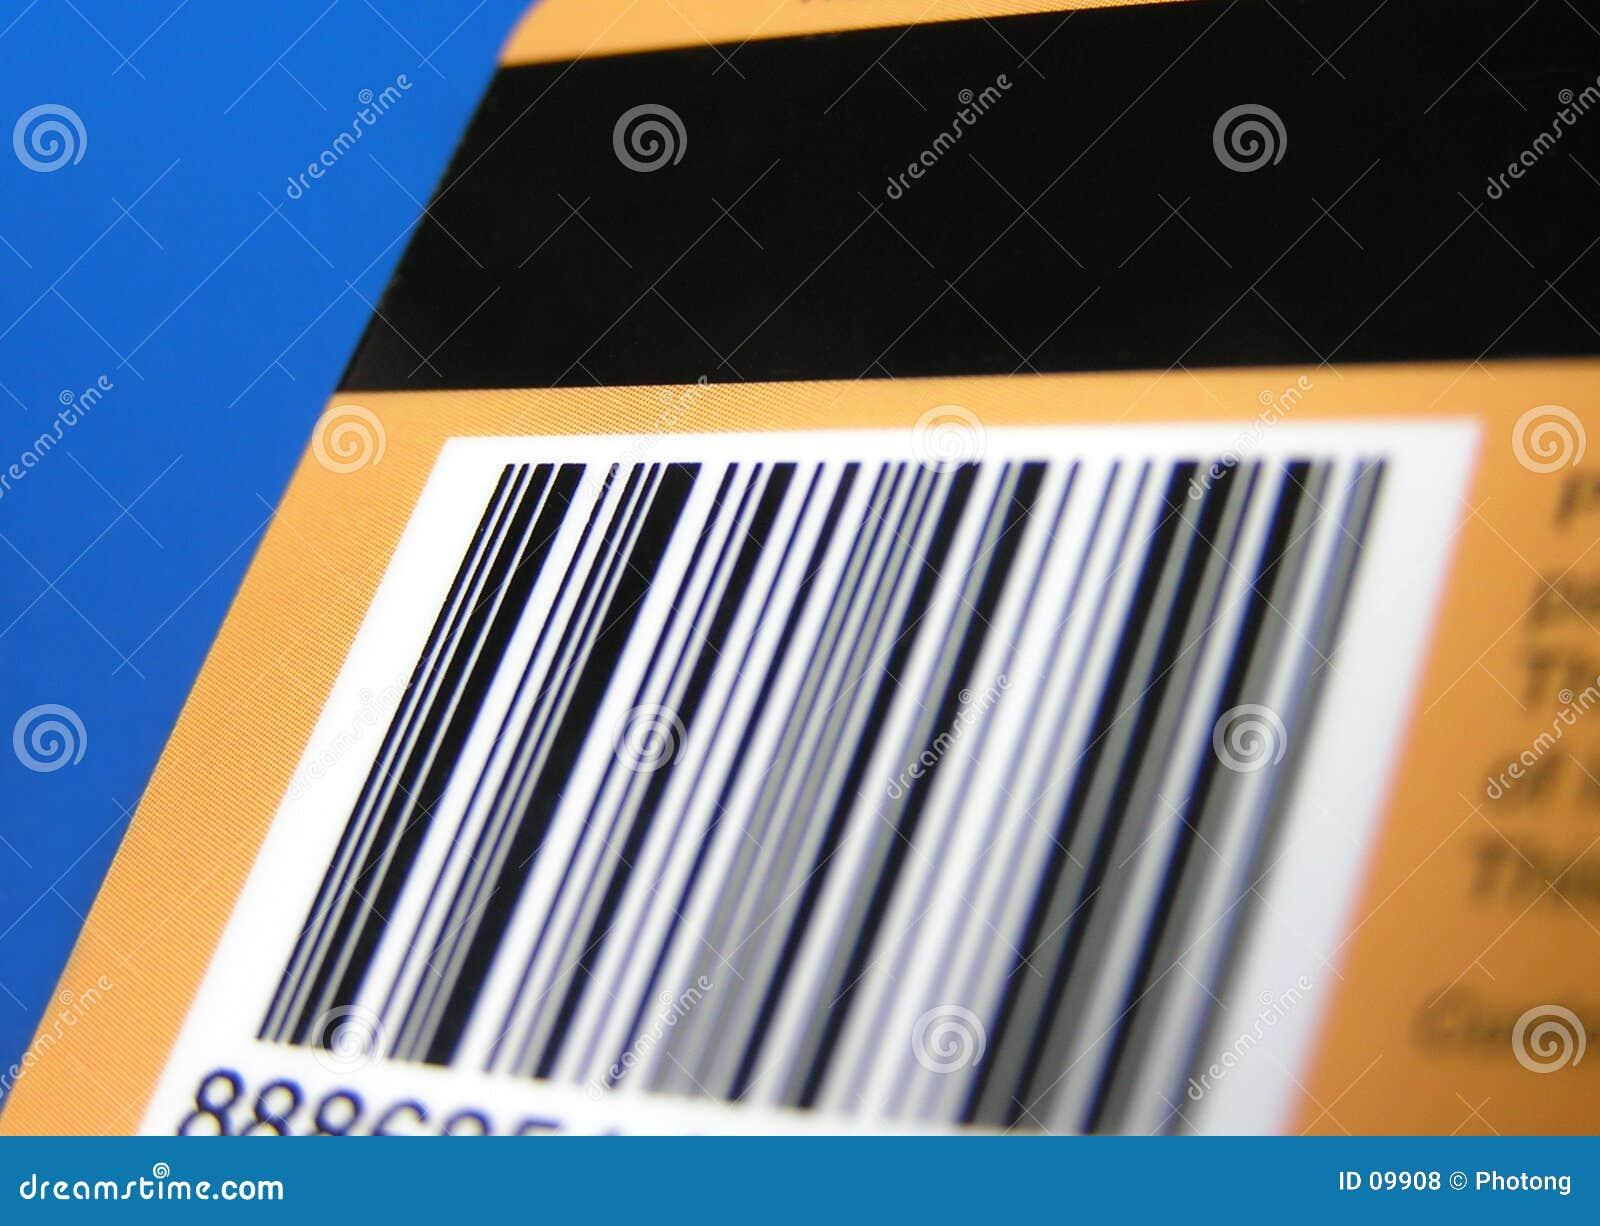 条形码看板卡数据条